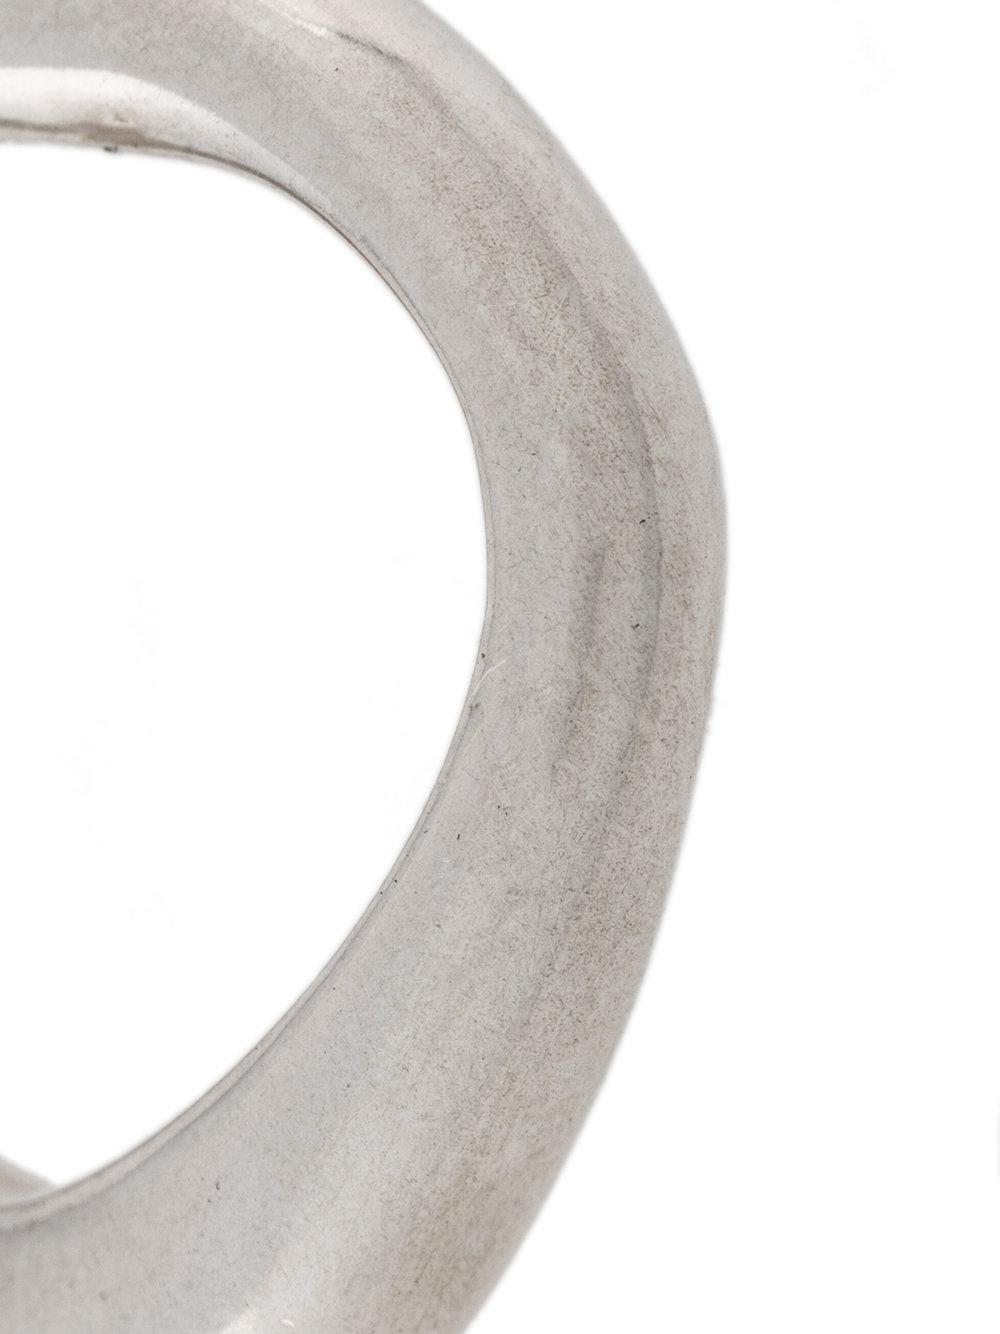 Faris Vero Ear Cuff in Metallic